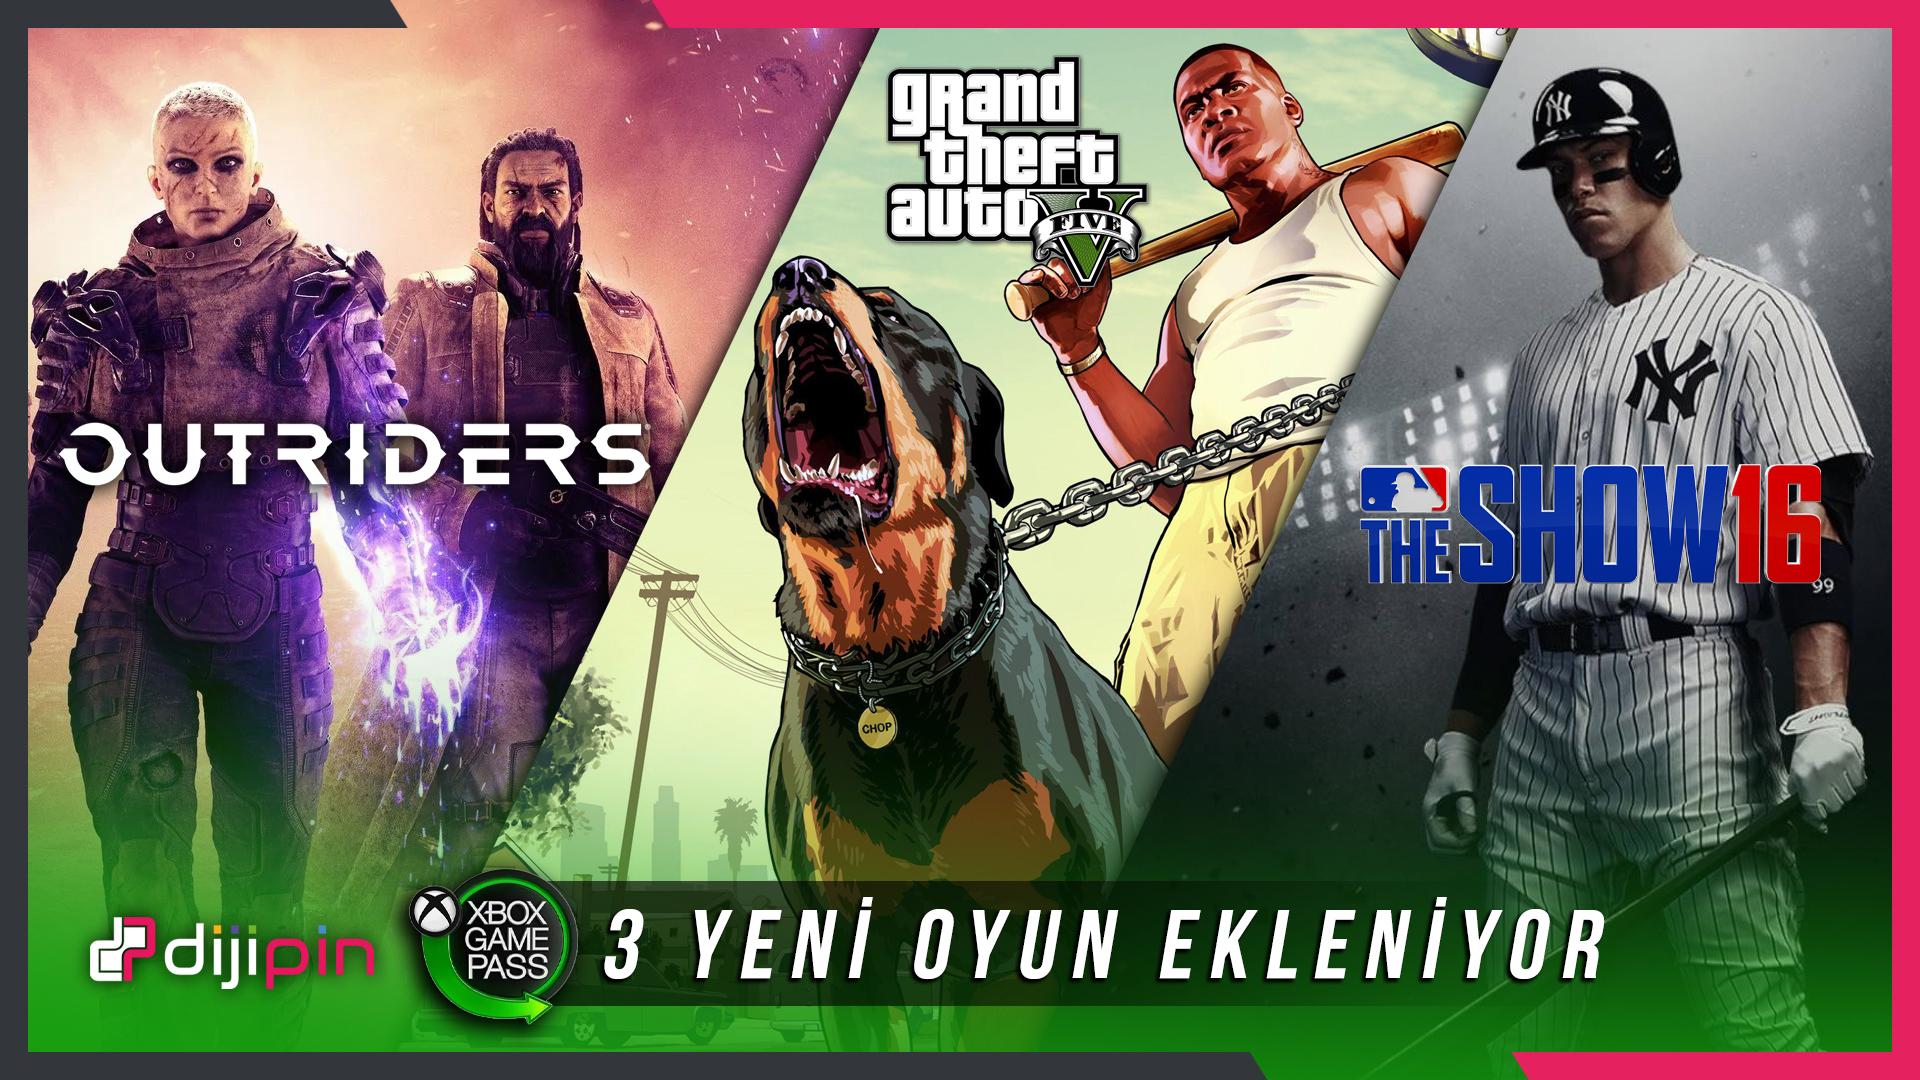 Xbox Game Pass'e Eklenecek 3 Büyük Oyun